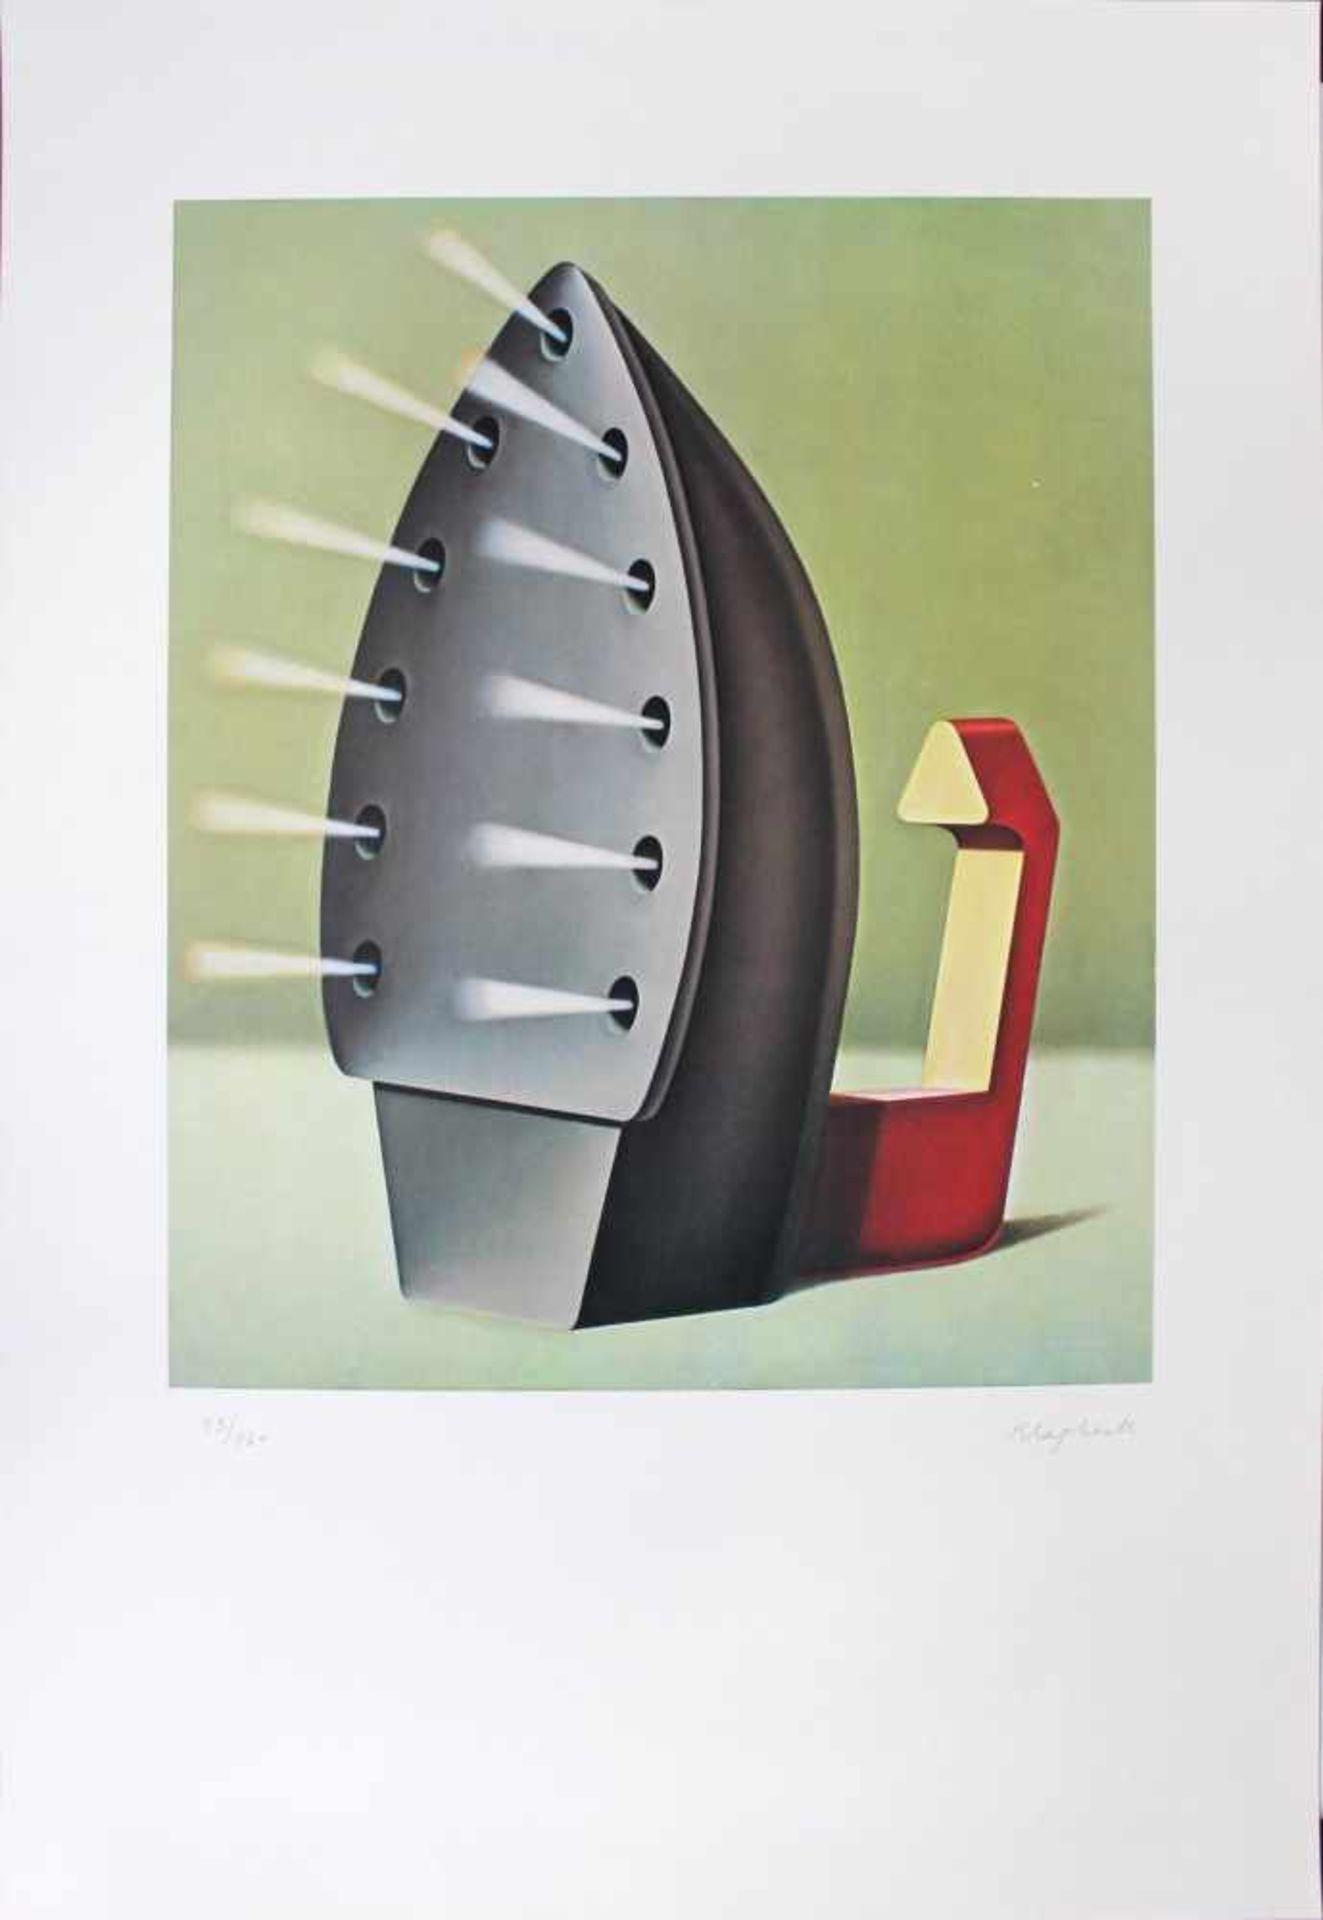 Konrad Klapheck geb. 1935 Bügeleisen / Dragon du foyer 1980 Farblithographie handsigniert und